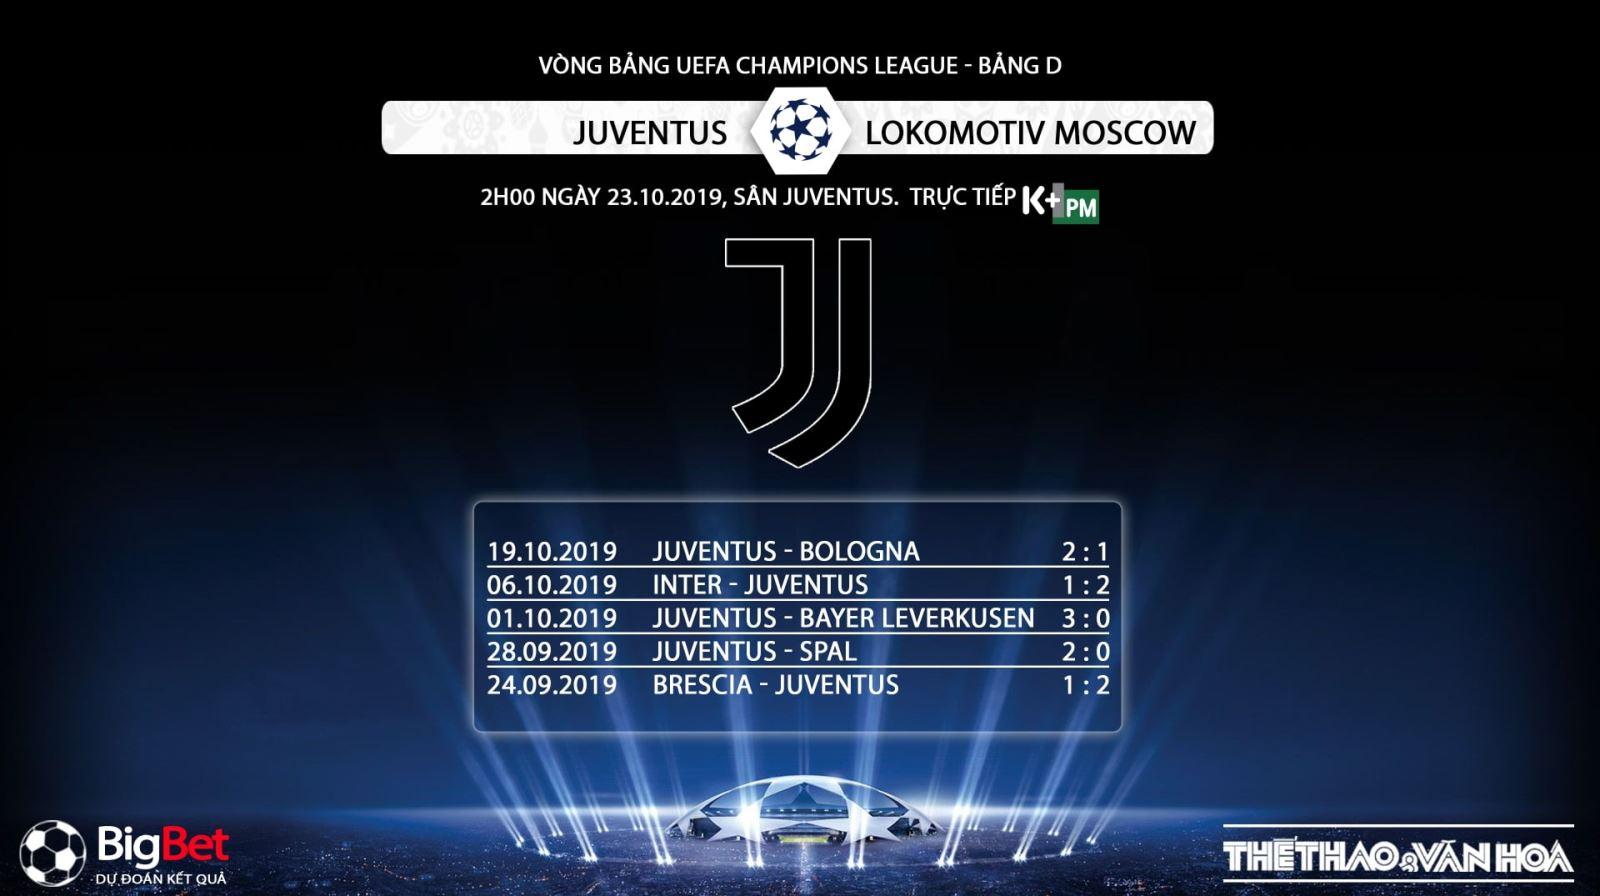 Juventus vs Lokomotiv Moscow , ket qua bong da hôm nay, Juventus đấu với Lokomotiv Moscow, keo bong da, K+, K+PM, xem bóng đá trực tuyến, Cúp C1, K+PC, Juventus, soi kèo bóng đá